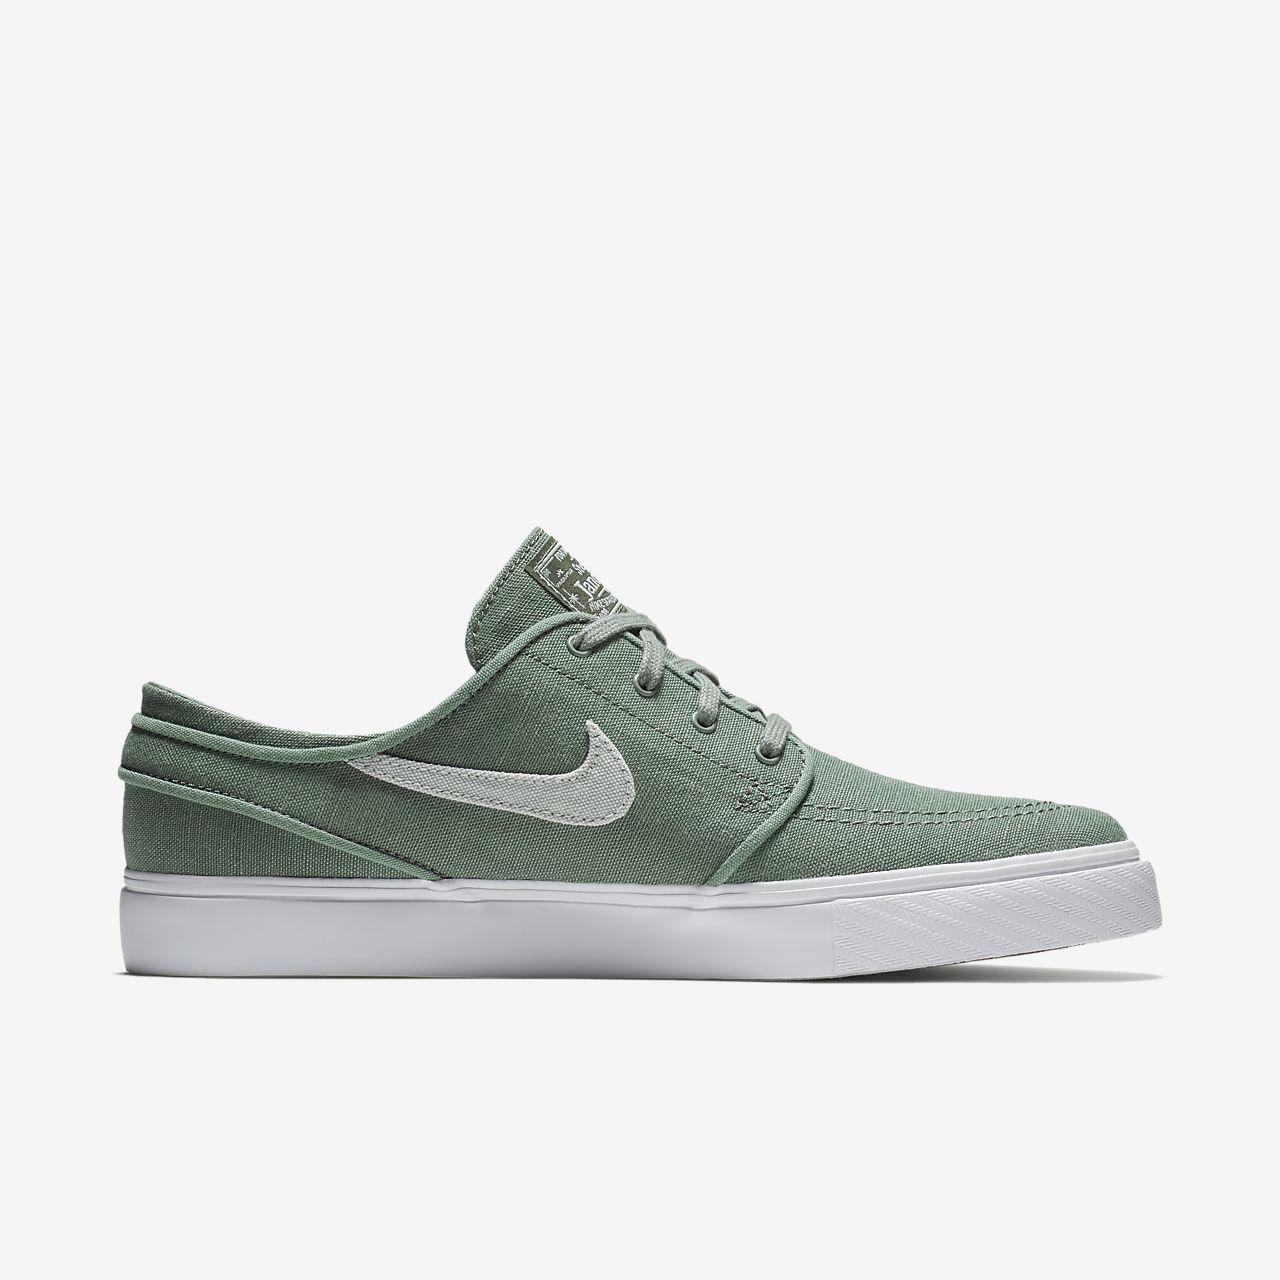 Nike Sb Stefan Janoski Zoom Vert moins cher Ireh8